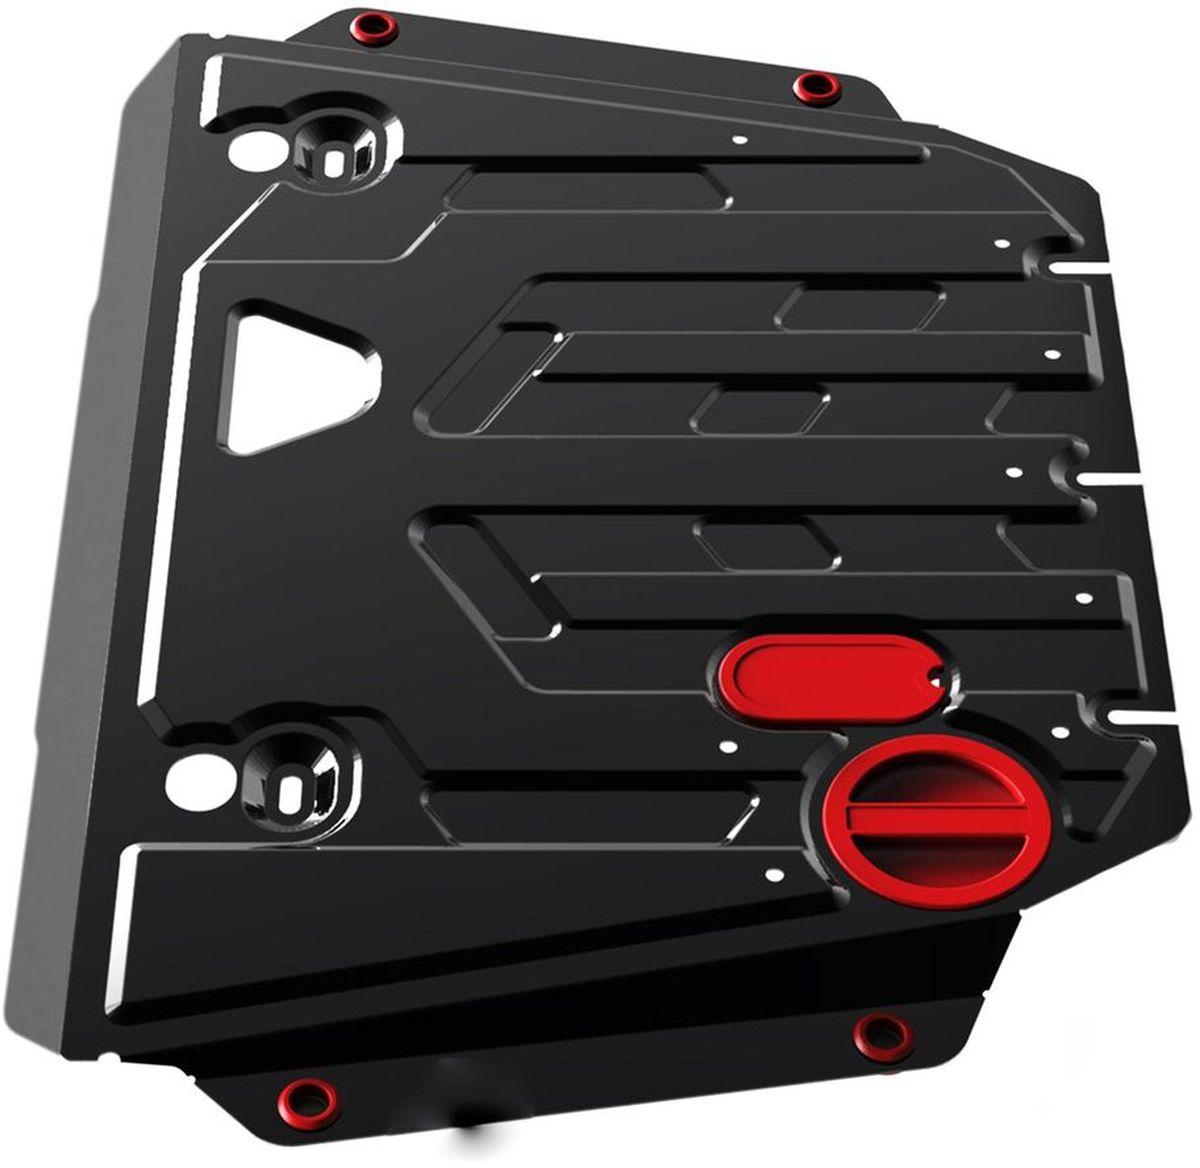 Защита картера и КПП Автоброня, для Infiniti JX35,V-3,5 (2012-2013)/Infiniti QX60,V-3,5(2013-)/Nissan Pathfinder111.02415.2Технологически совершенный продукт за невысокую стоимость. Защита разработана с учетом особенностей днища автомобиля, что позволяет сохранить дорожный просвет с минимальным изменением. Защита устанавливается в штатные места кузова автомобиля. Глубокий штамп обеспечивает до двух раз больше жесткости в сравнении с обычной защитой той же толщины. Проштампованные ребра жесткости препятствуют деформации защиты при ударах. Тепловой зазор и вентиляционные отверстия обеспечивают сохранение температурного режима двигателя в норме. Скрытый крепеж предотвращает срыв крепежных элементов при наезде на препятствие. Шумопоглощающие резиновые элементы обеспечивают комфортную езду без вибраций и скрежета металла, а съемные лючки для слива масла и замены фильтра - экономию средств и время. Конструкция изделия не влияет на пассивную безопасность автомобиля (при ударе защита не воздействует на деформационные зоны кузова). Со штатным крепежом. В комплекте инструкция по установке....